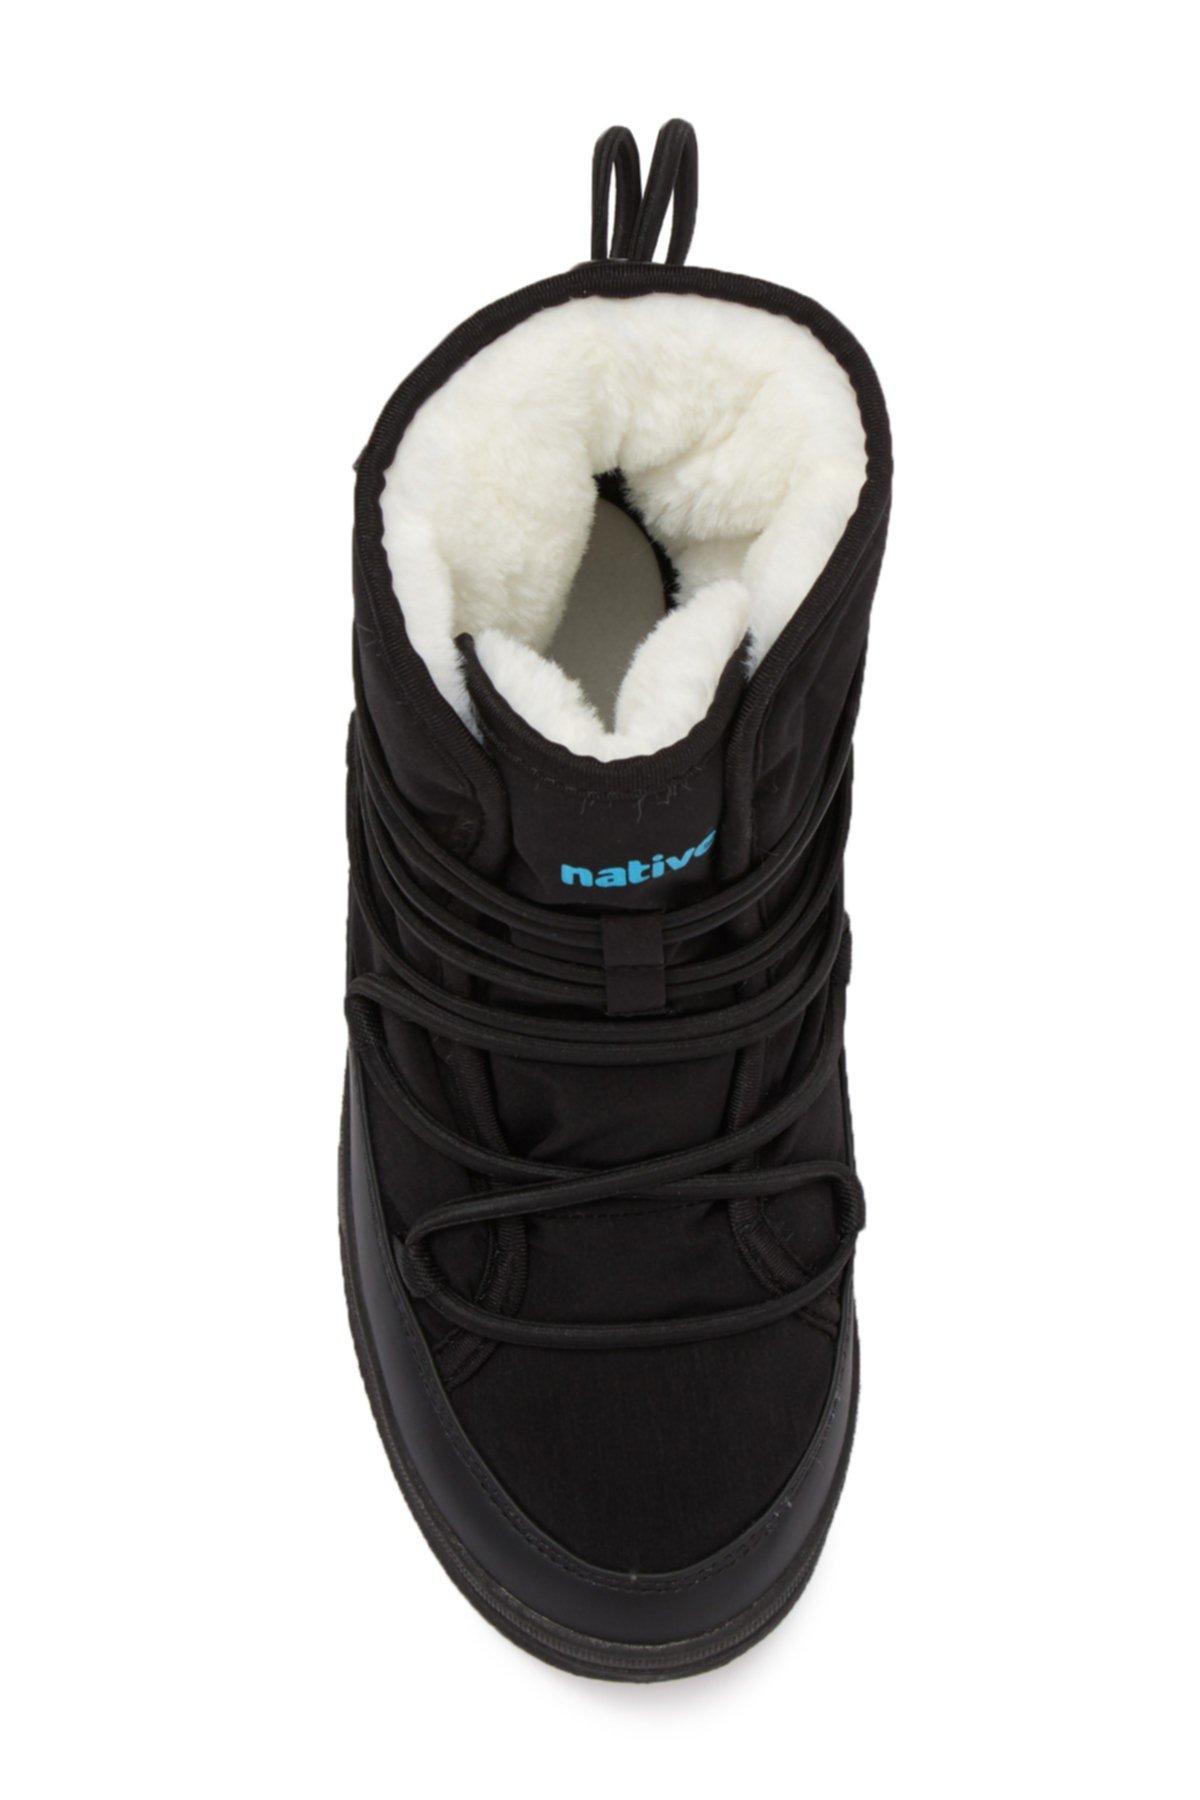 Водонепроницаемые ботинки на подкладке из искусственного меха Chamonix (маленький ребенок) Native